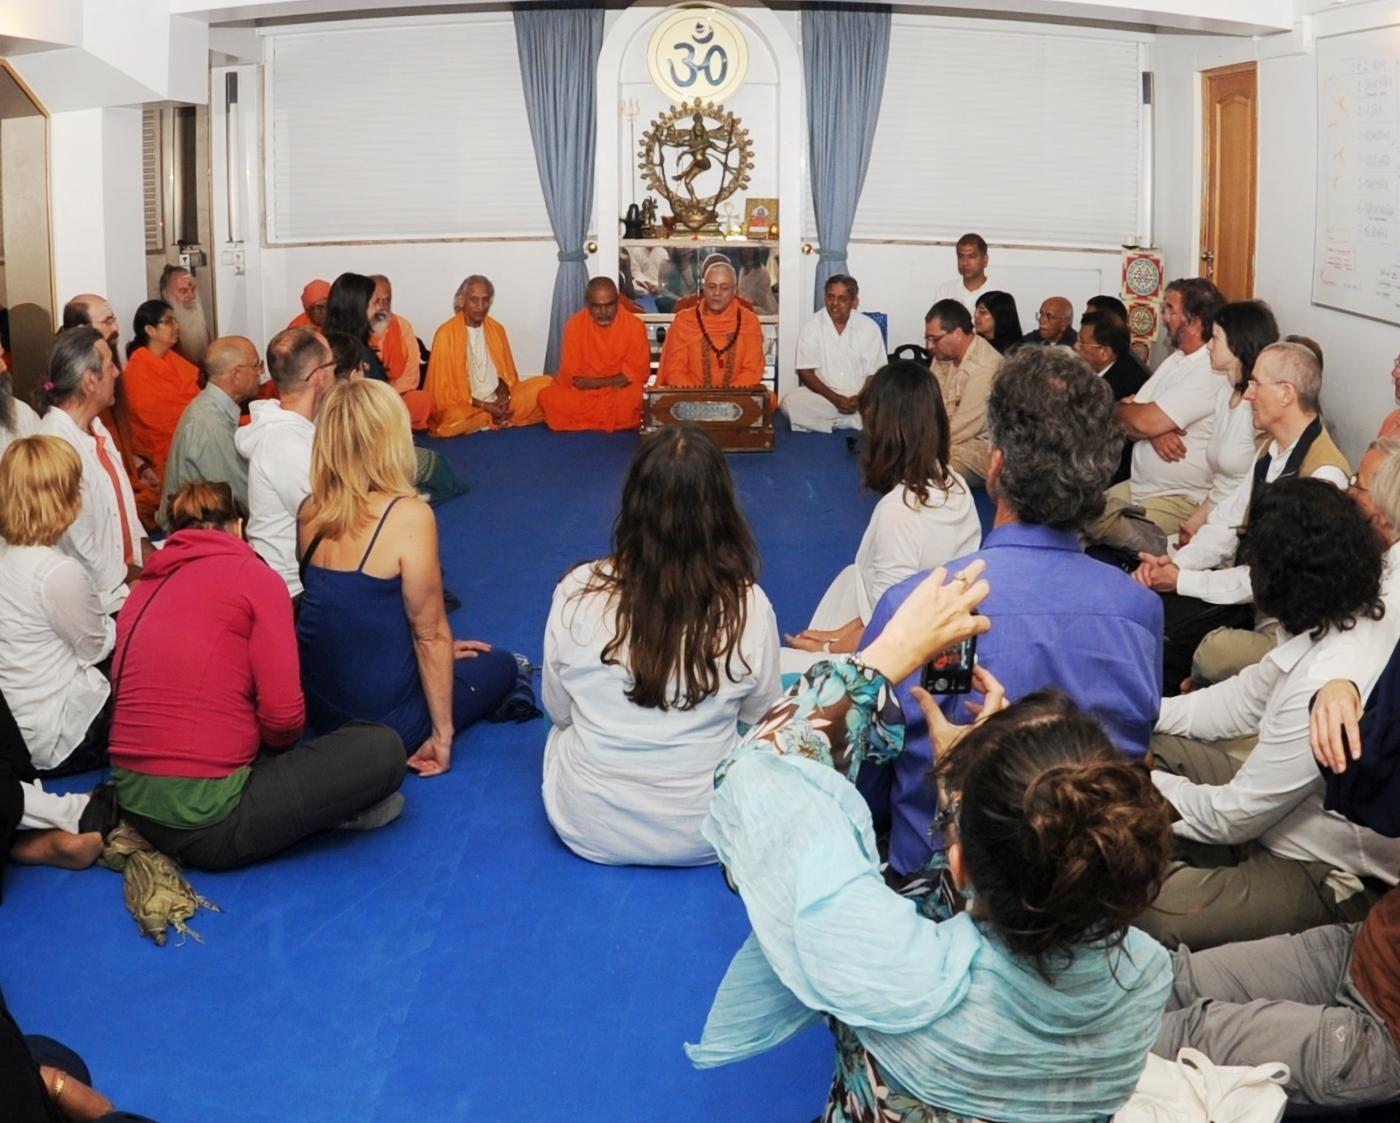 Recepção dos Mestres convidados no Dia Internacional do Yoga na Sede da Confederação Portuguesa do Yoga, Lisboa – 2013